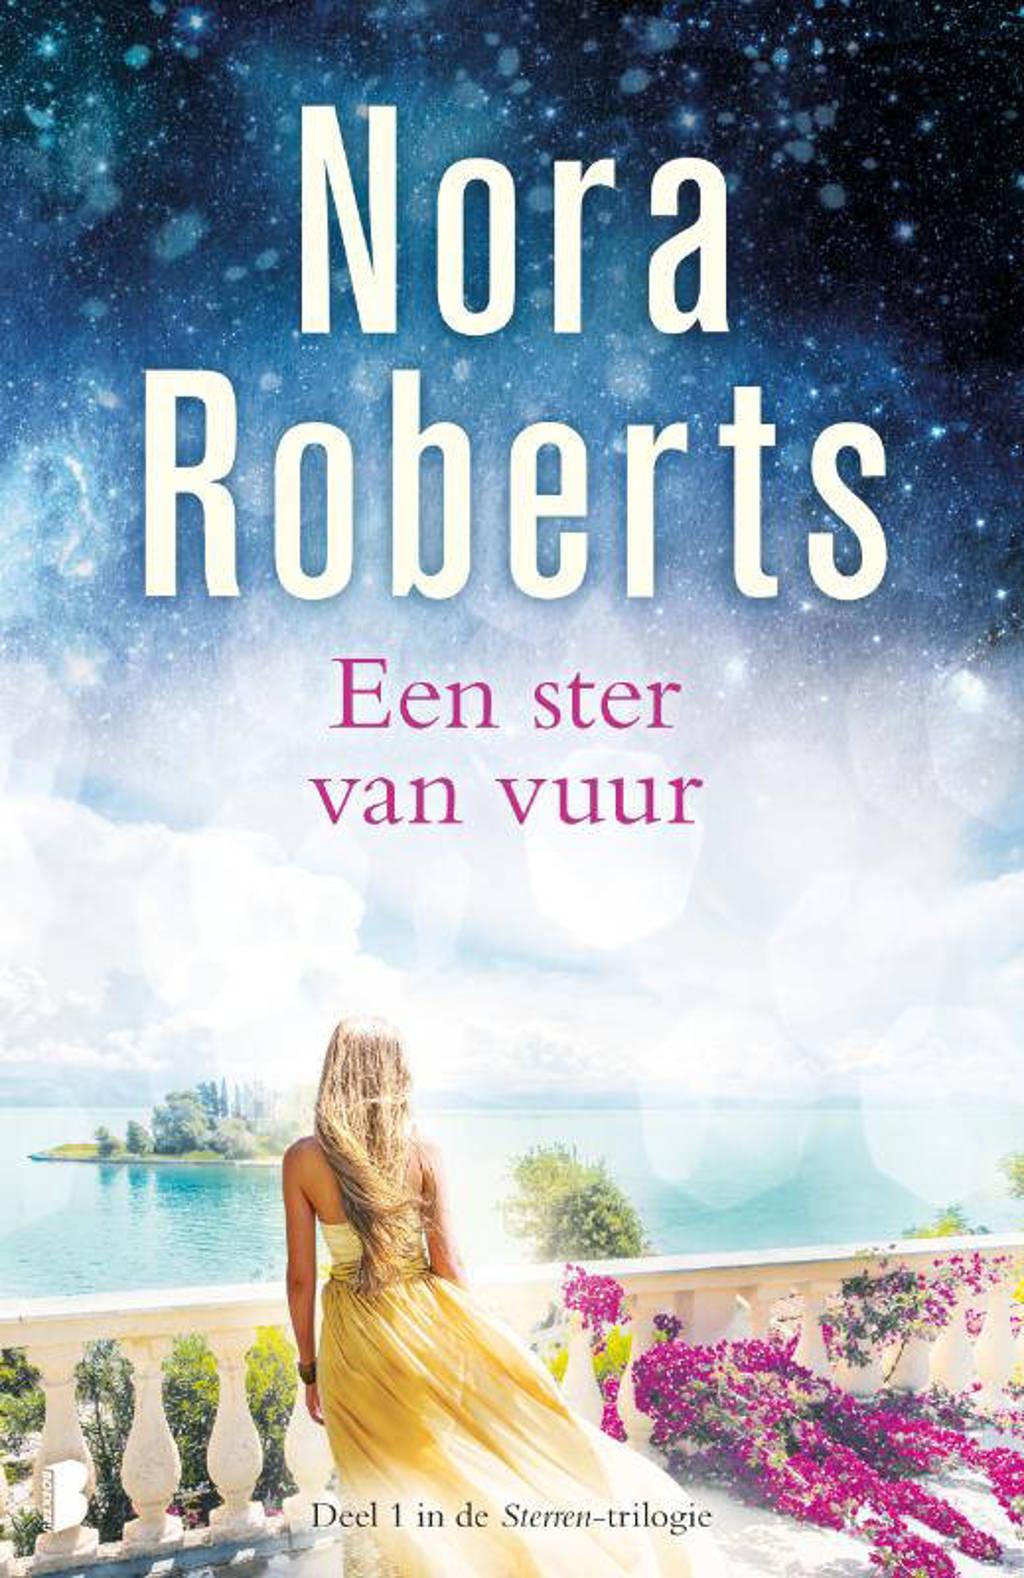 Sterren: Een ster van vuur - Nora Roberts